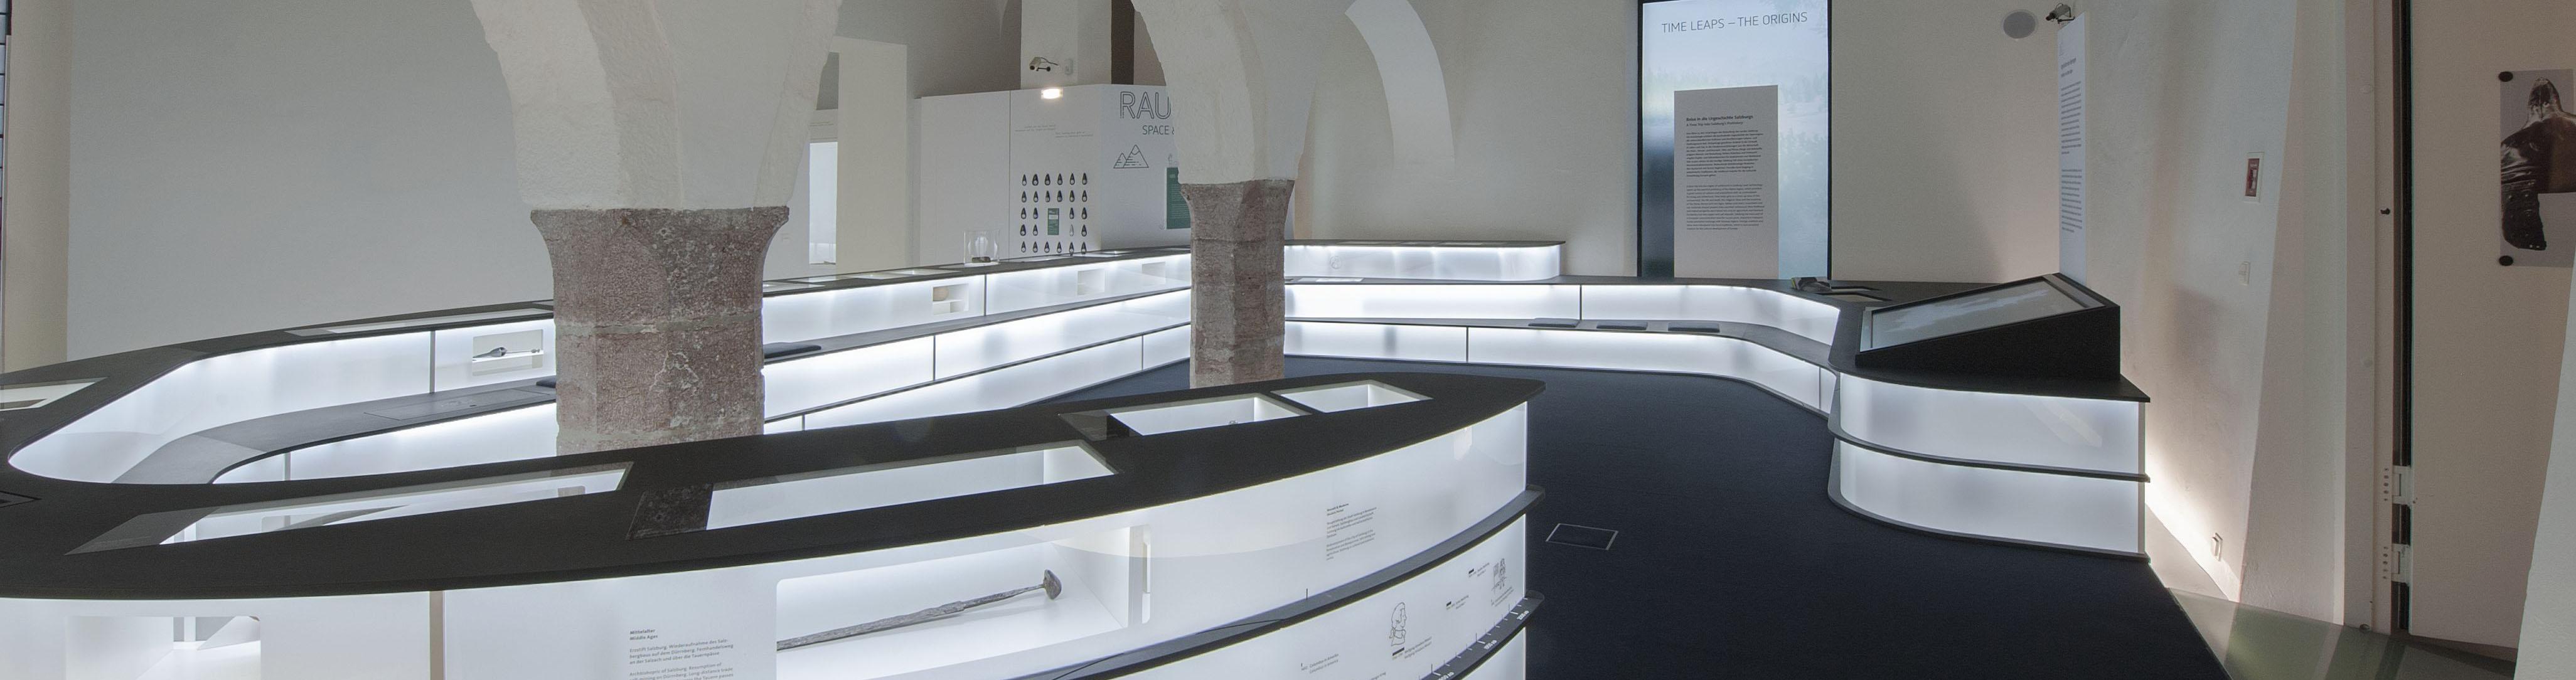 Das Keltenmuseum präsentiert die Archäologie und Urgeschichte des Landes Salzburg. © Keltenmuseum Hallein, Foto: Grünwald